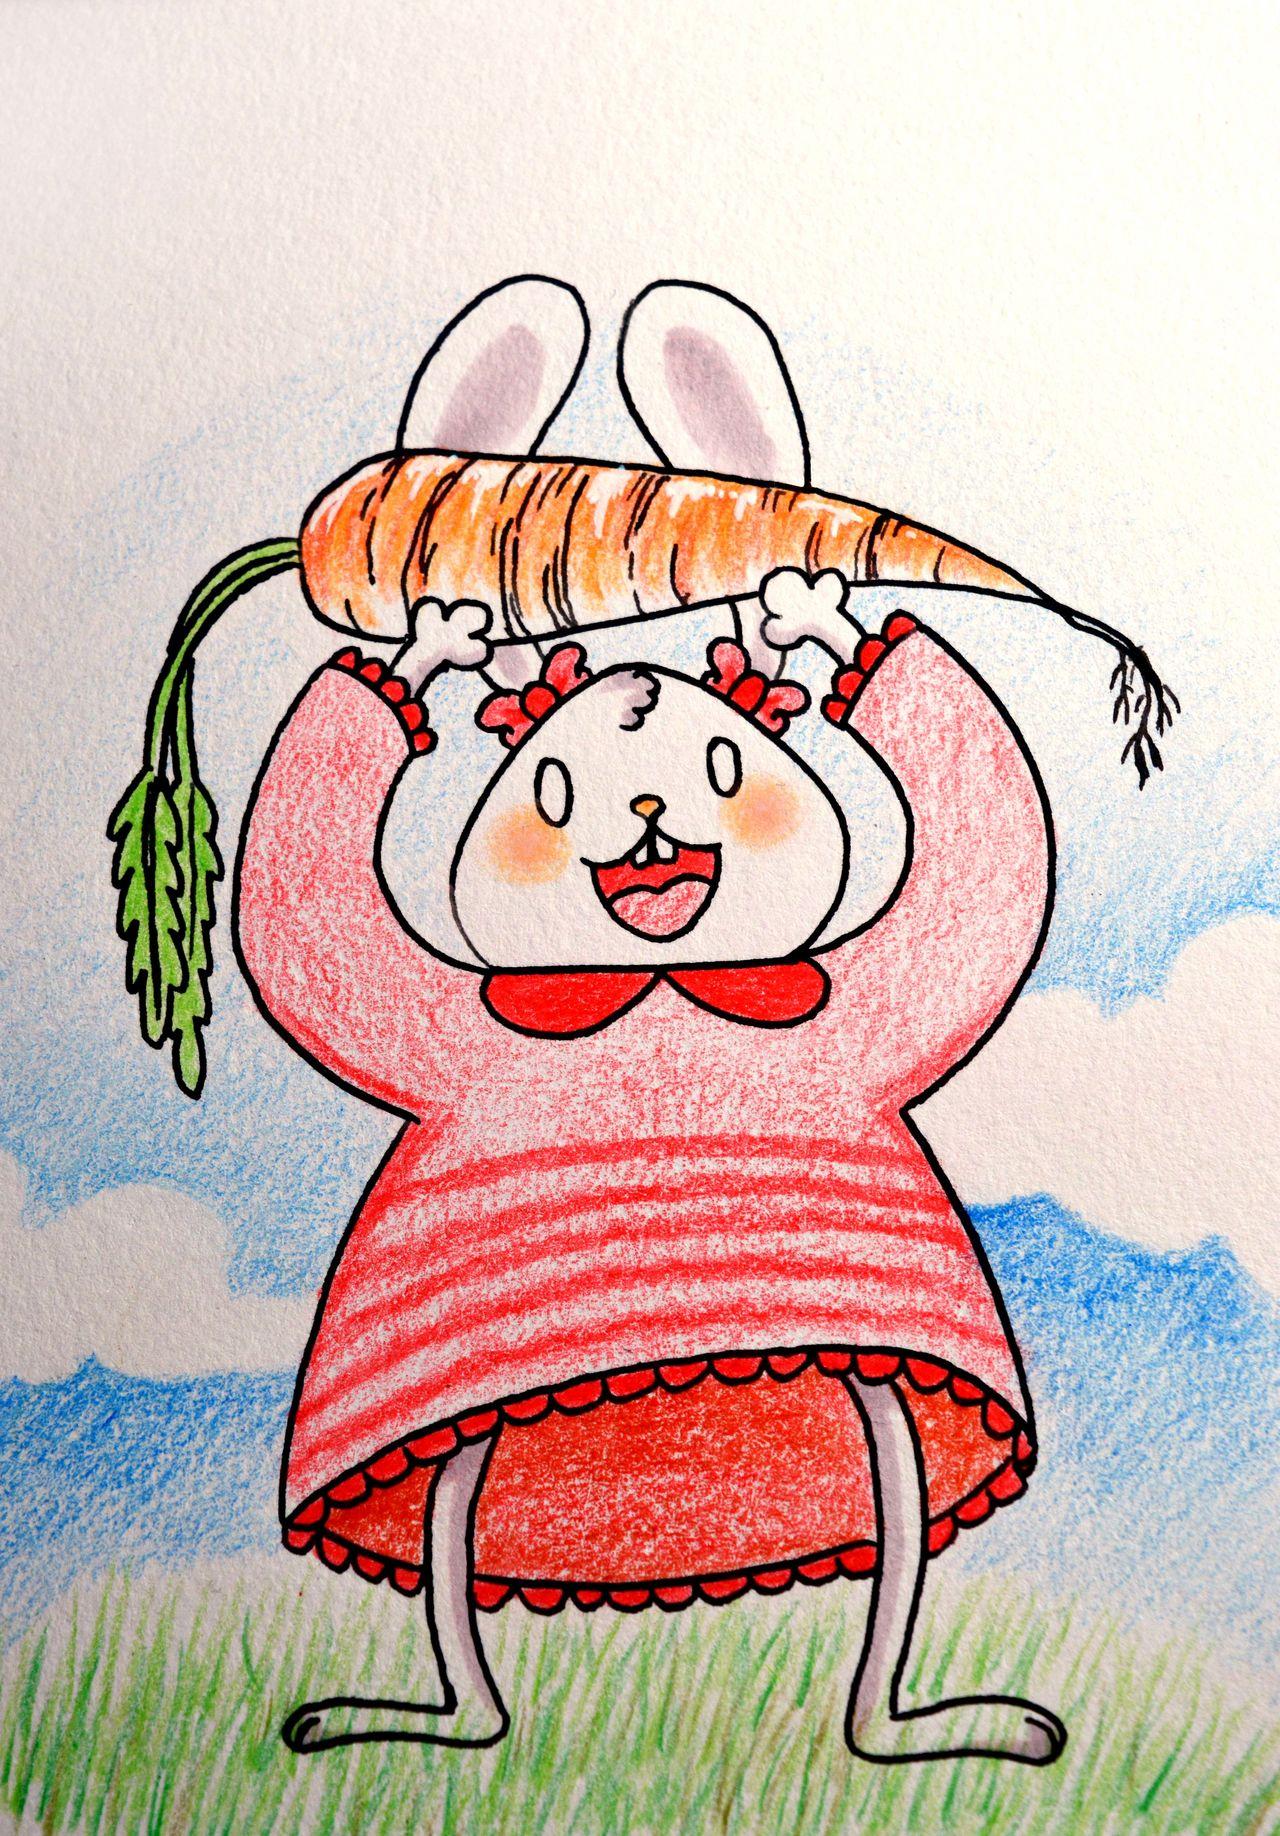 Vive les carottes